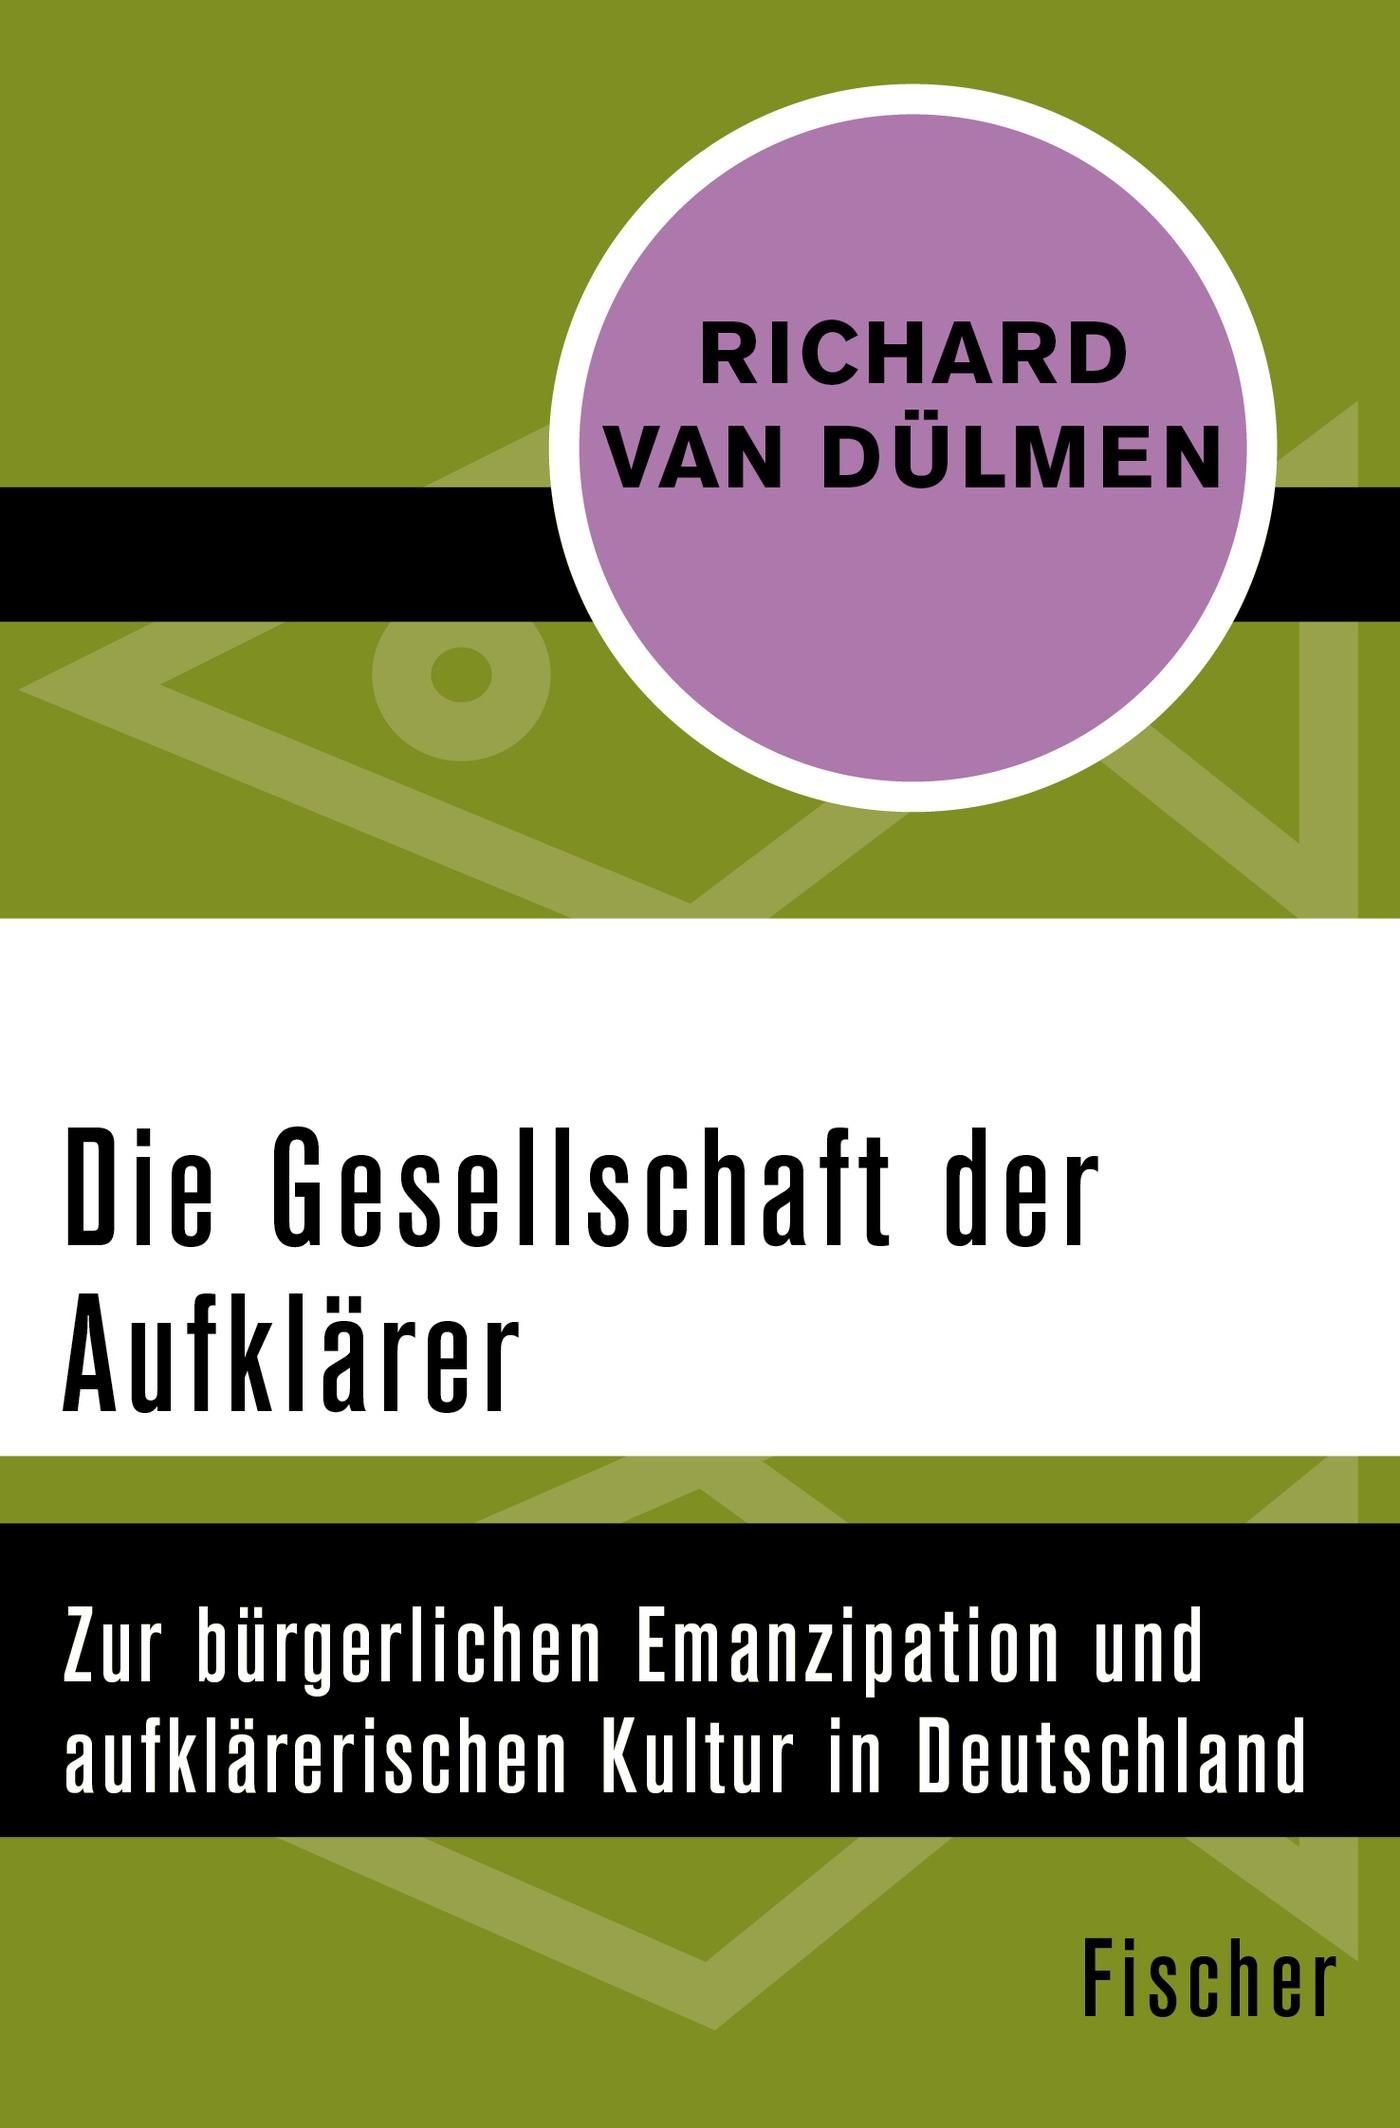 Die Gesellschaft der Aufklärer   Dülmen   1. Auflage, 2015   Buch (Cover)